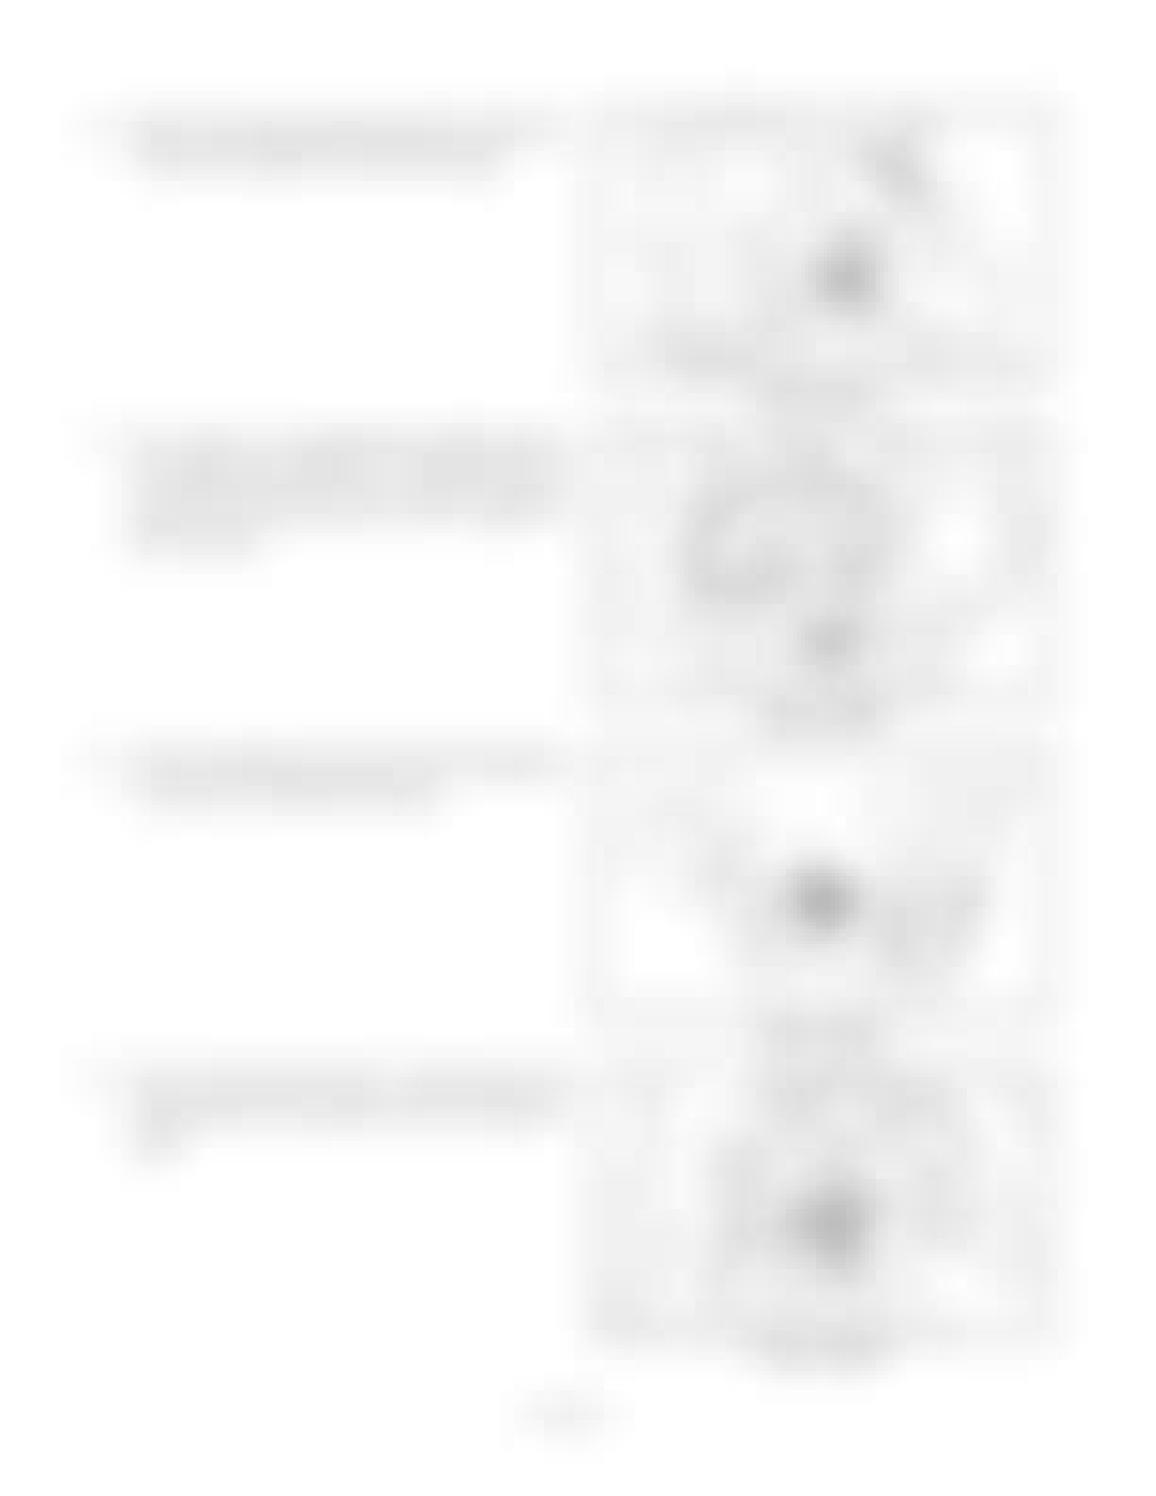 Hitachi LX110-7 LX130-7 LX160-7 LX190-7 LX230-7 Wheel Loader Workshop Manual - PDF DOWNLOAD page 44